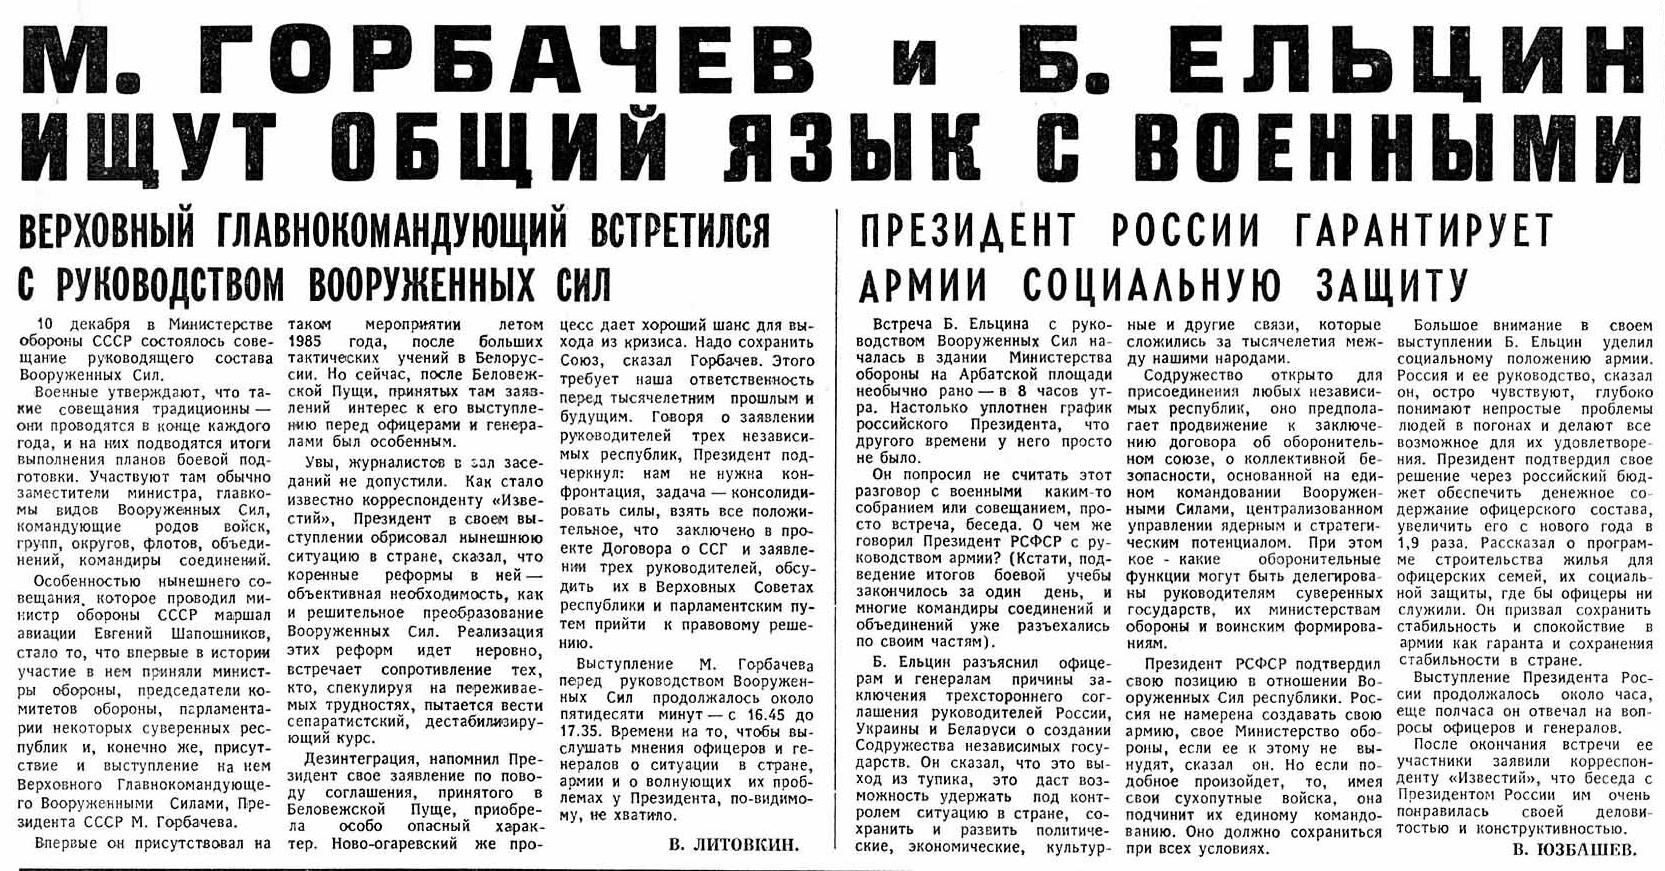 Передовица газеты «Известия» от11 декабря 1991 года